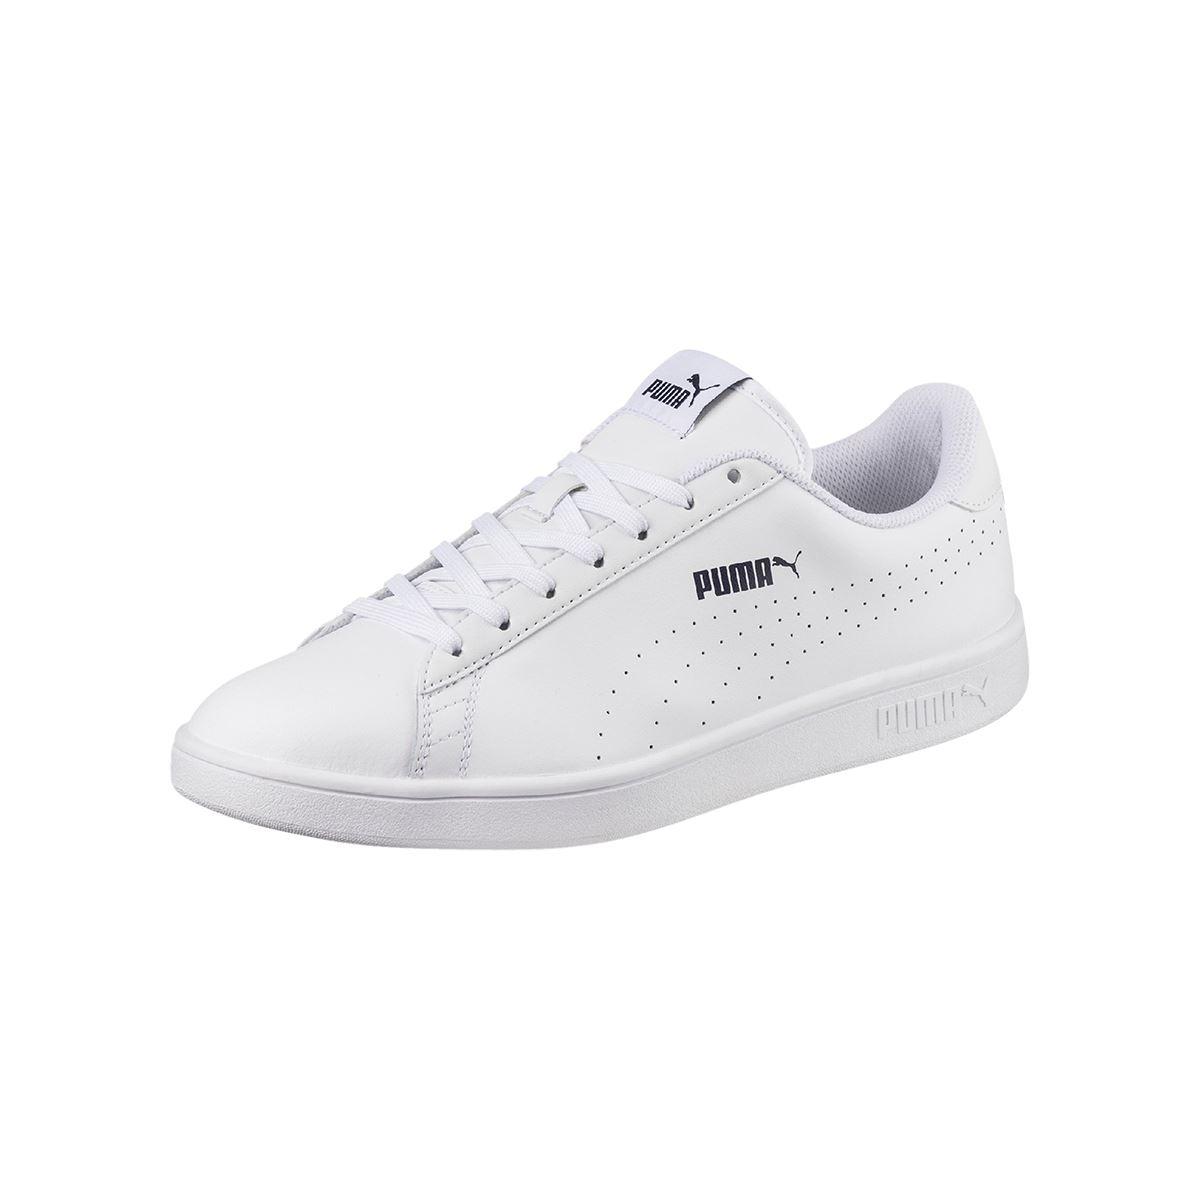 Zapatilla Puma SMASH V2 L PERF para Hombre color Blanco  acbe31c6baac8